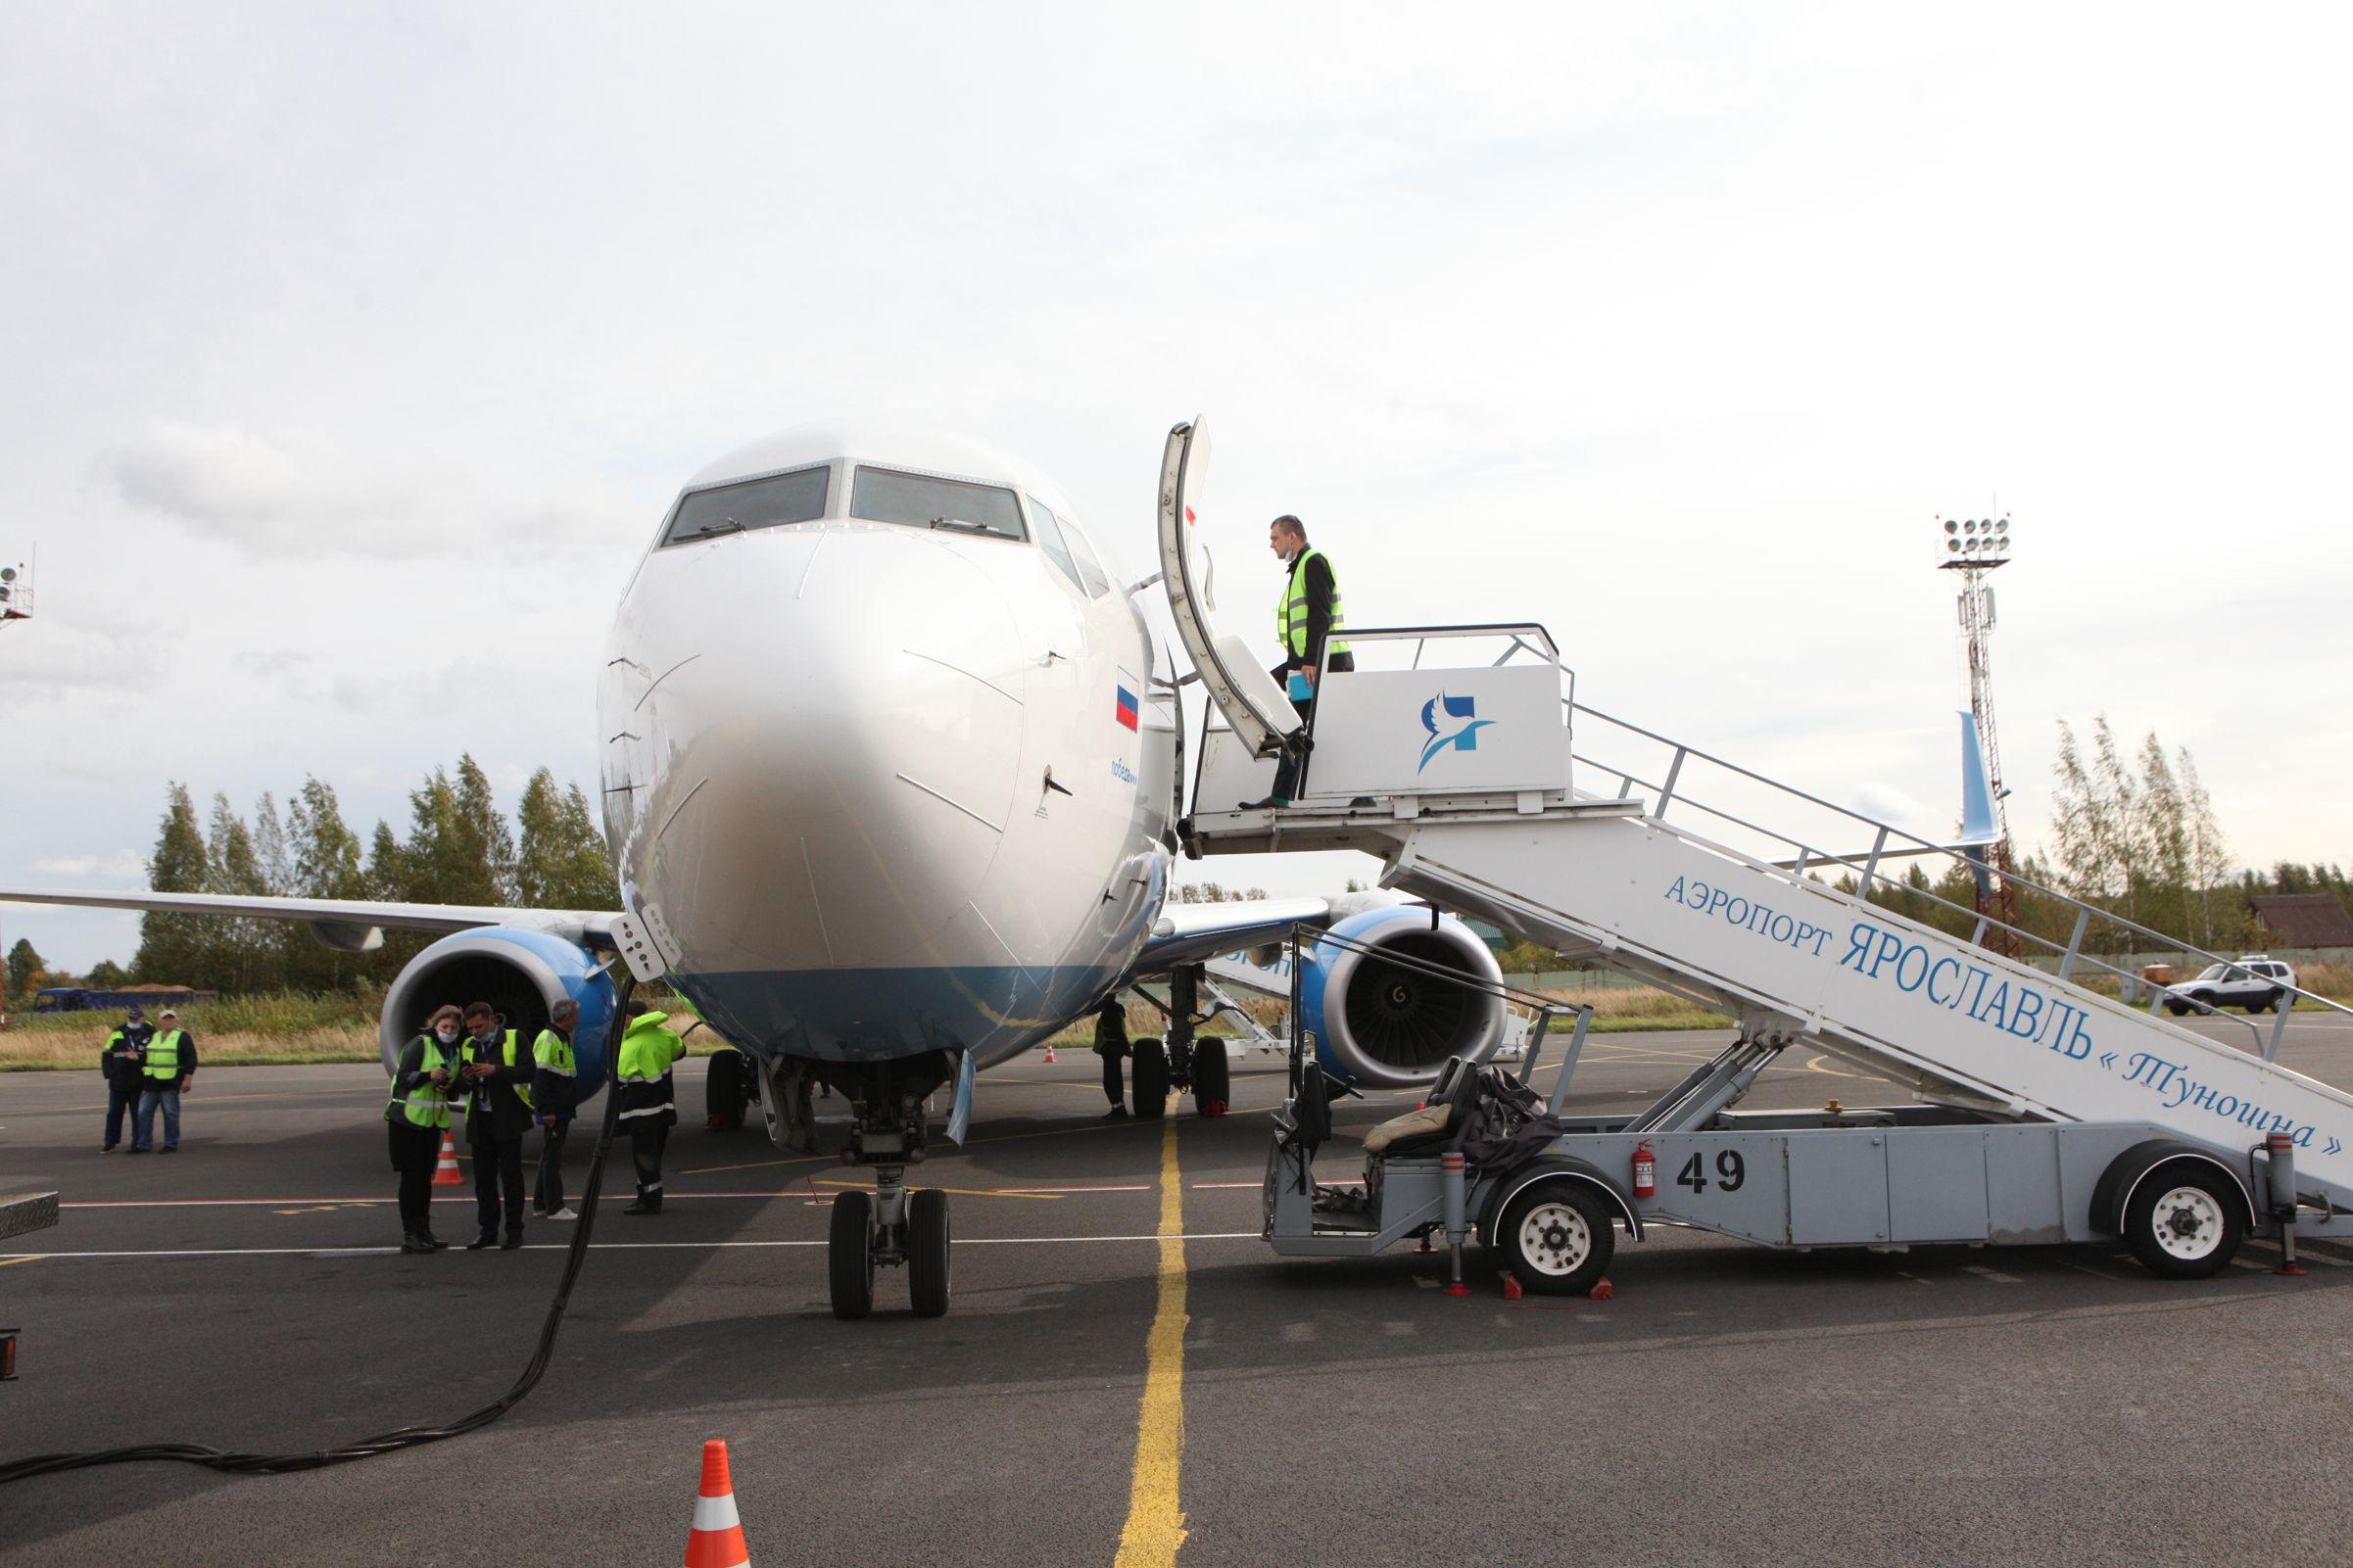 За два месяца почти 6,5 тысячи пассажиров перевезены из аэропорта Туношна в Санкт-Петербург и обратно